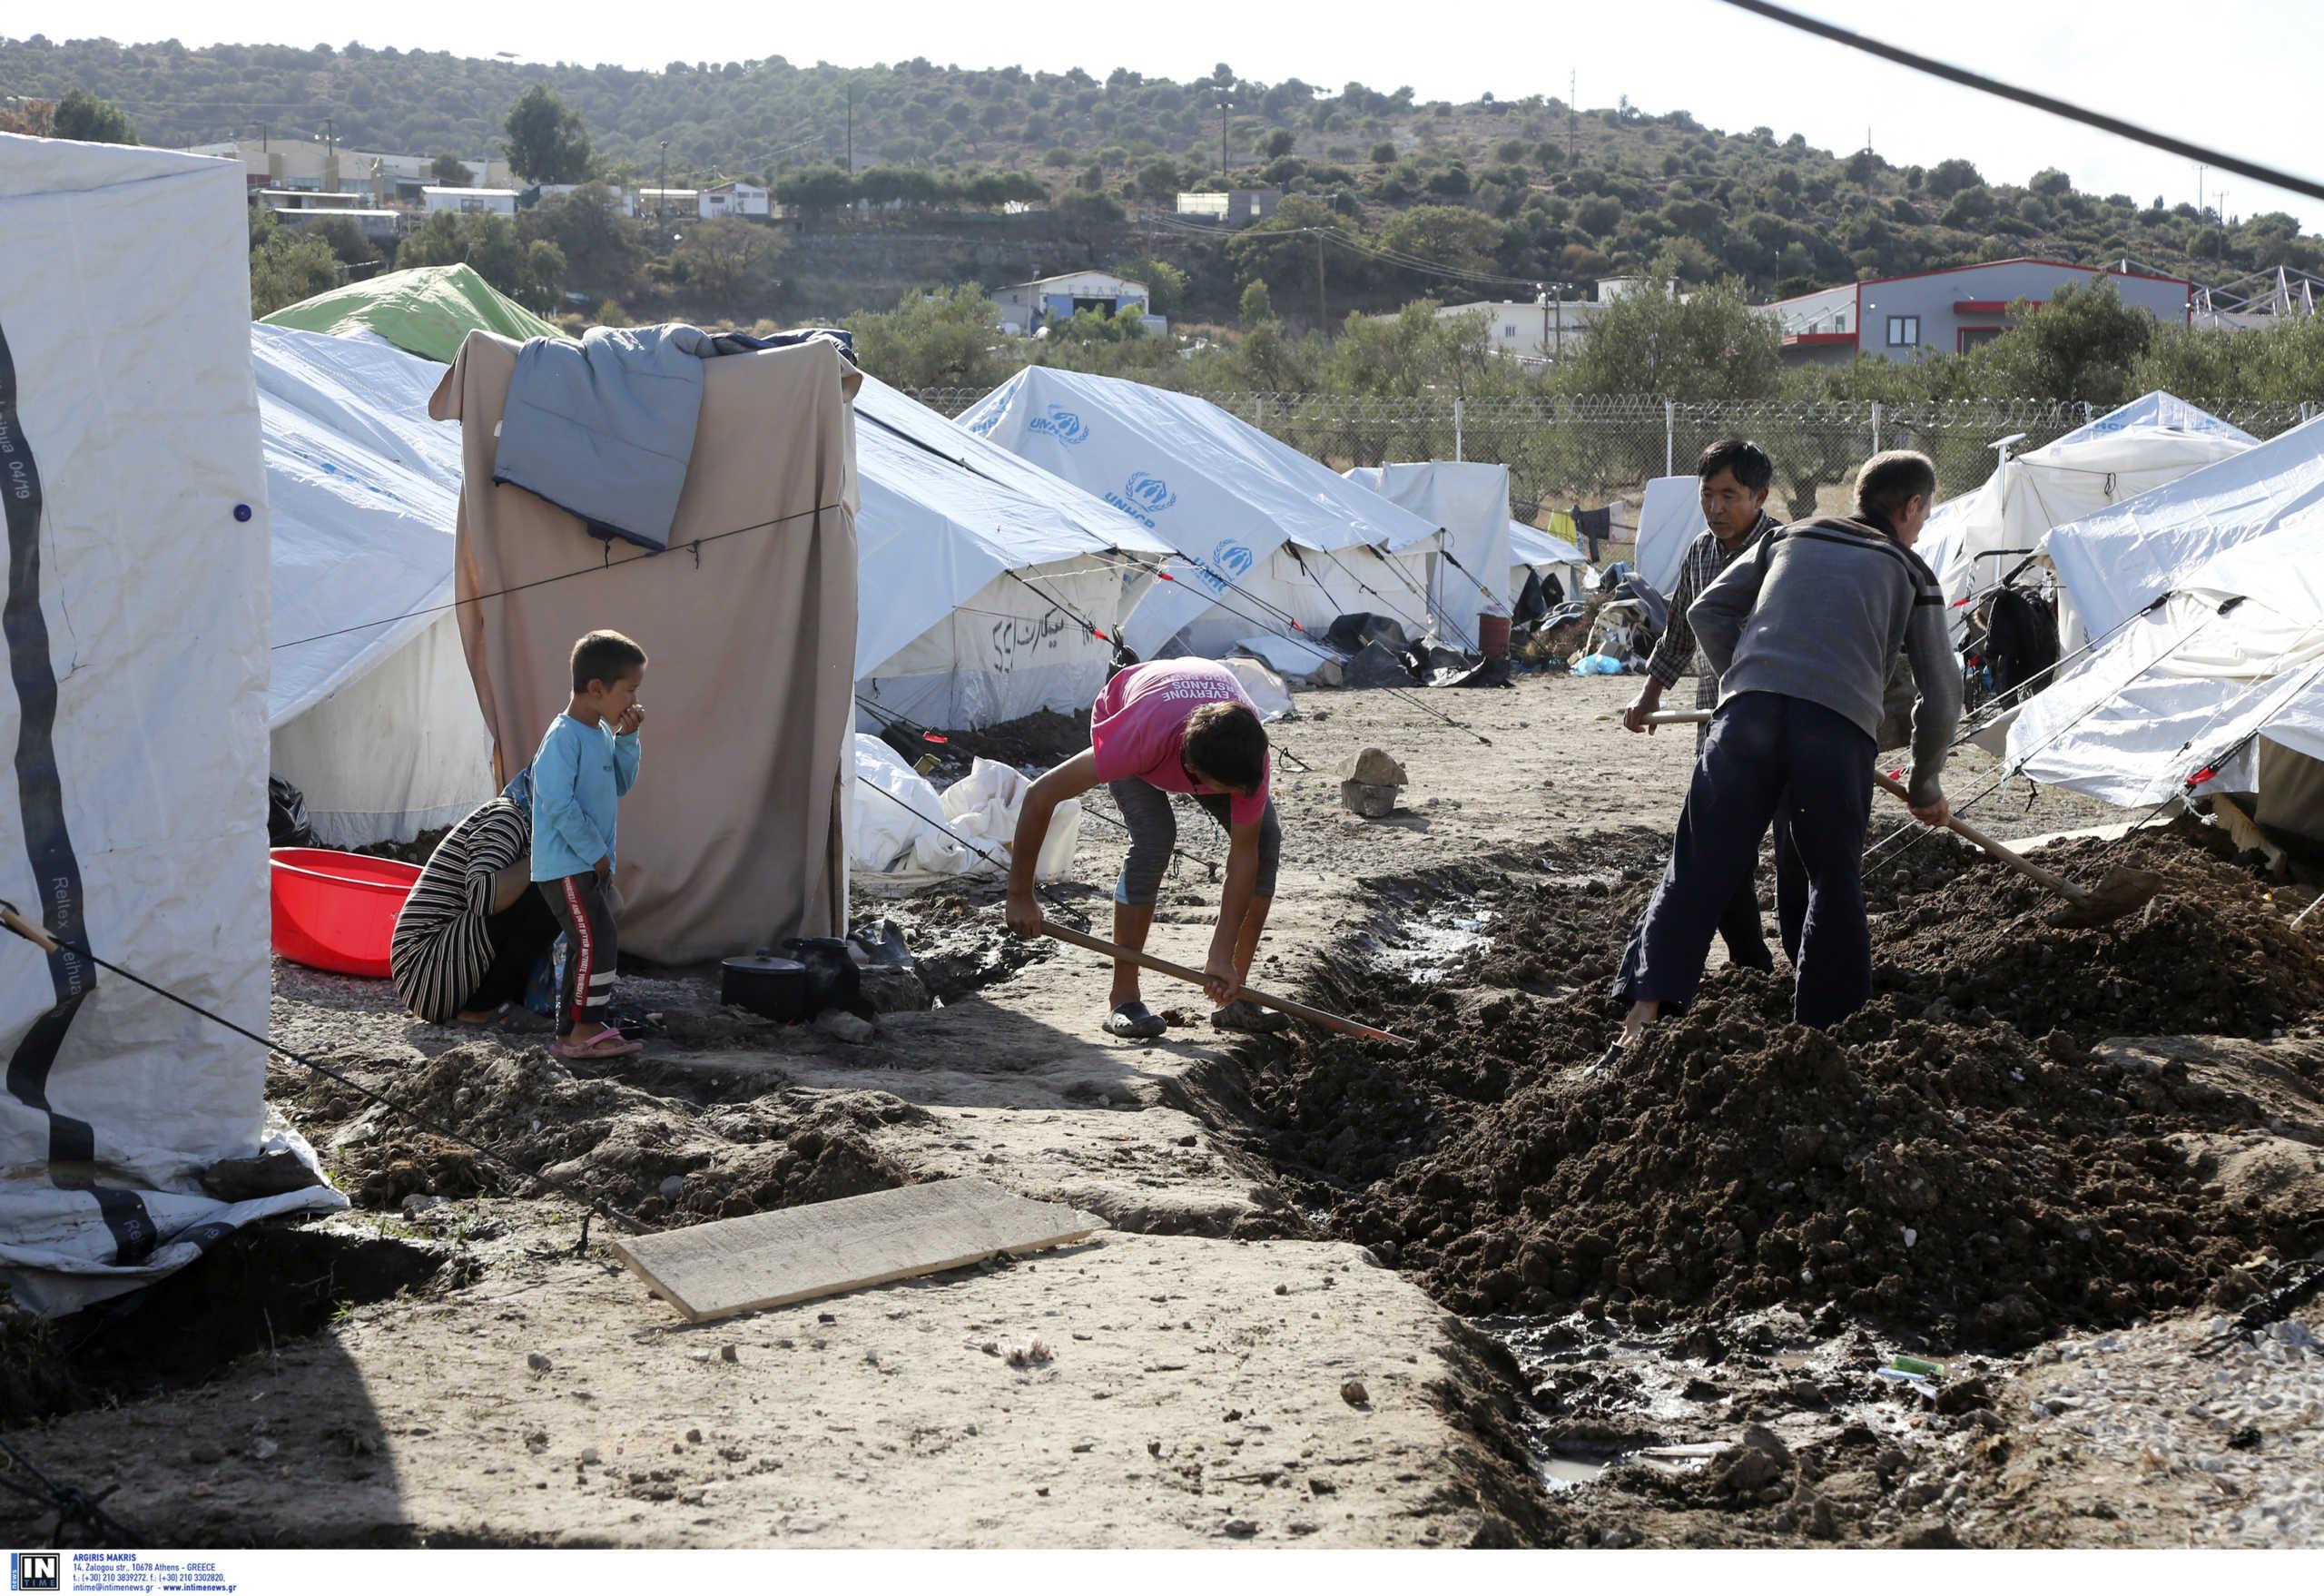 Το Βέλγιο θα υποδεχθεί 150 πρόσφυγες και αιτούντες άσυλο από την Ελλάδα – Πότε θα γίνει η πρώτη αποστολή